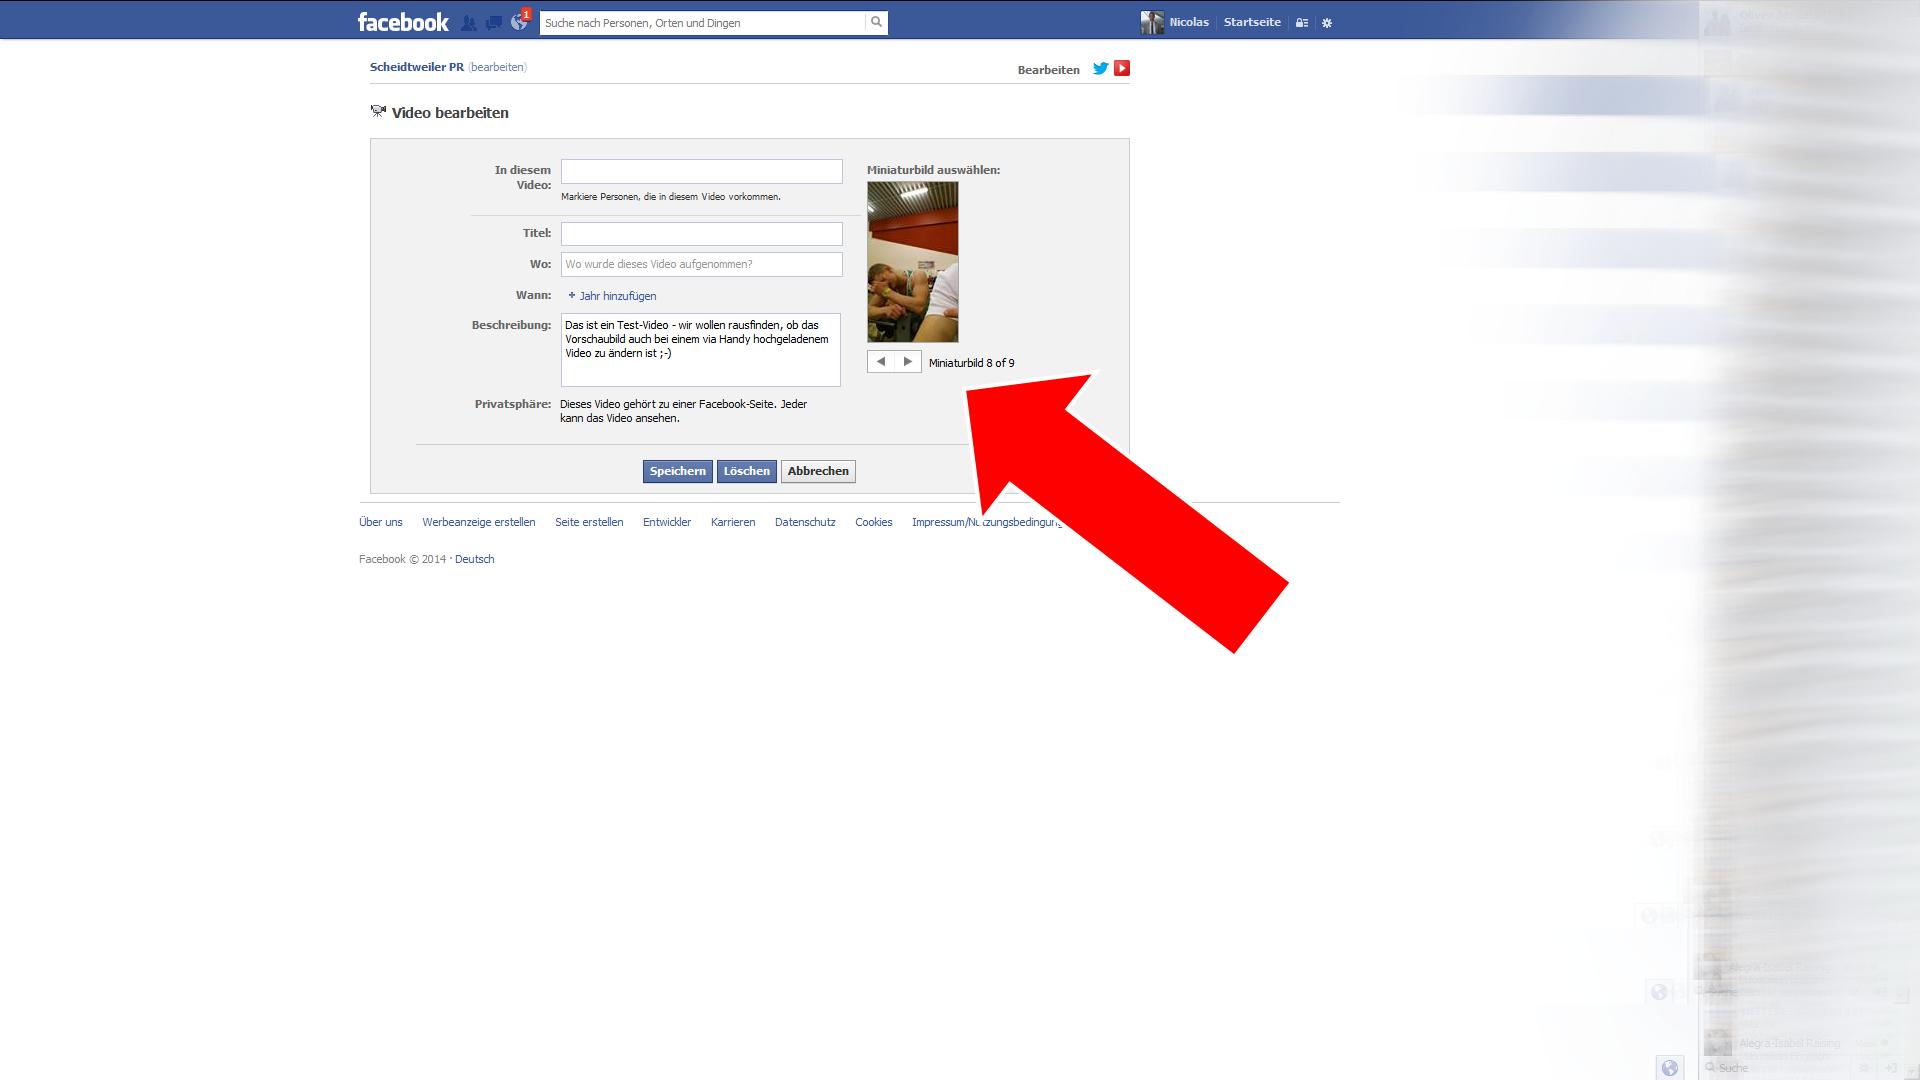 Video bei Facebook bearbeiten Schritt 3 - Scheidtweiler PR Bremen